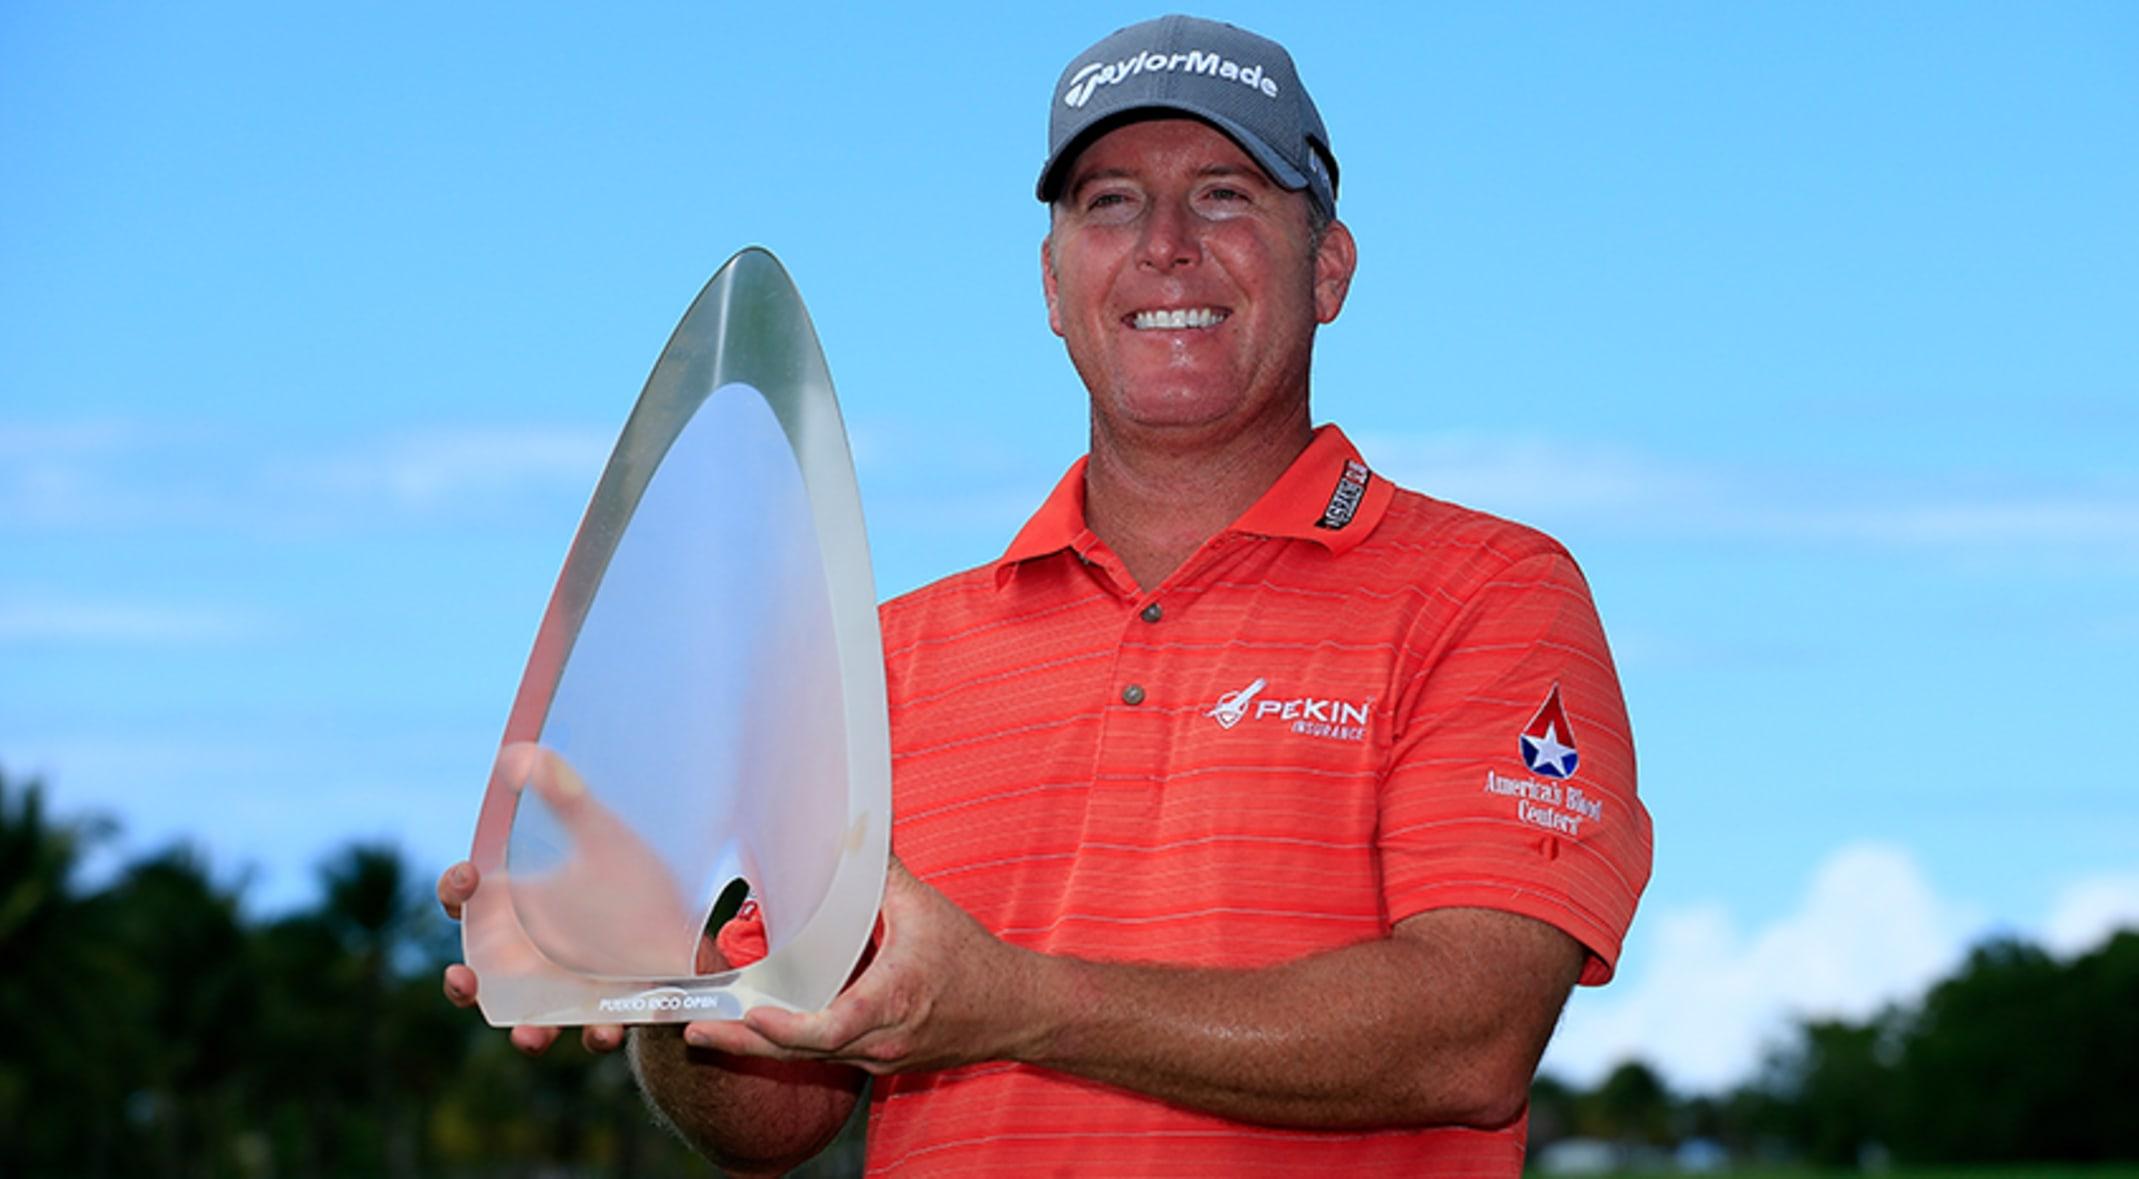 D.A. Points wins Puerto Rico for 3rd PGA Tour title